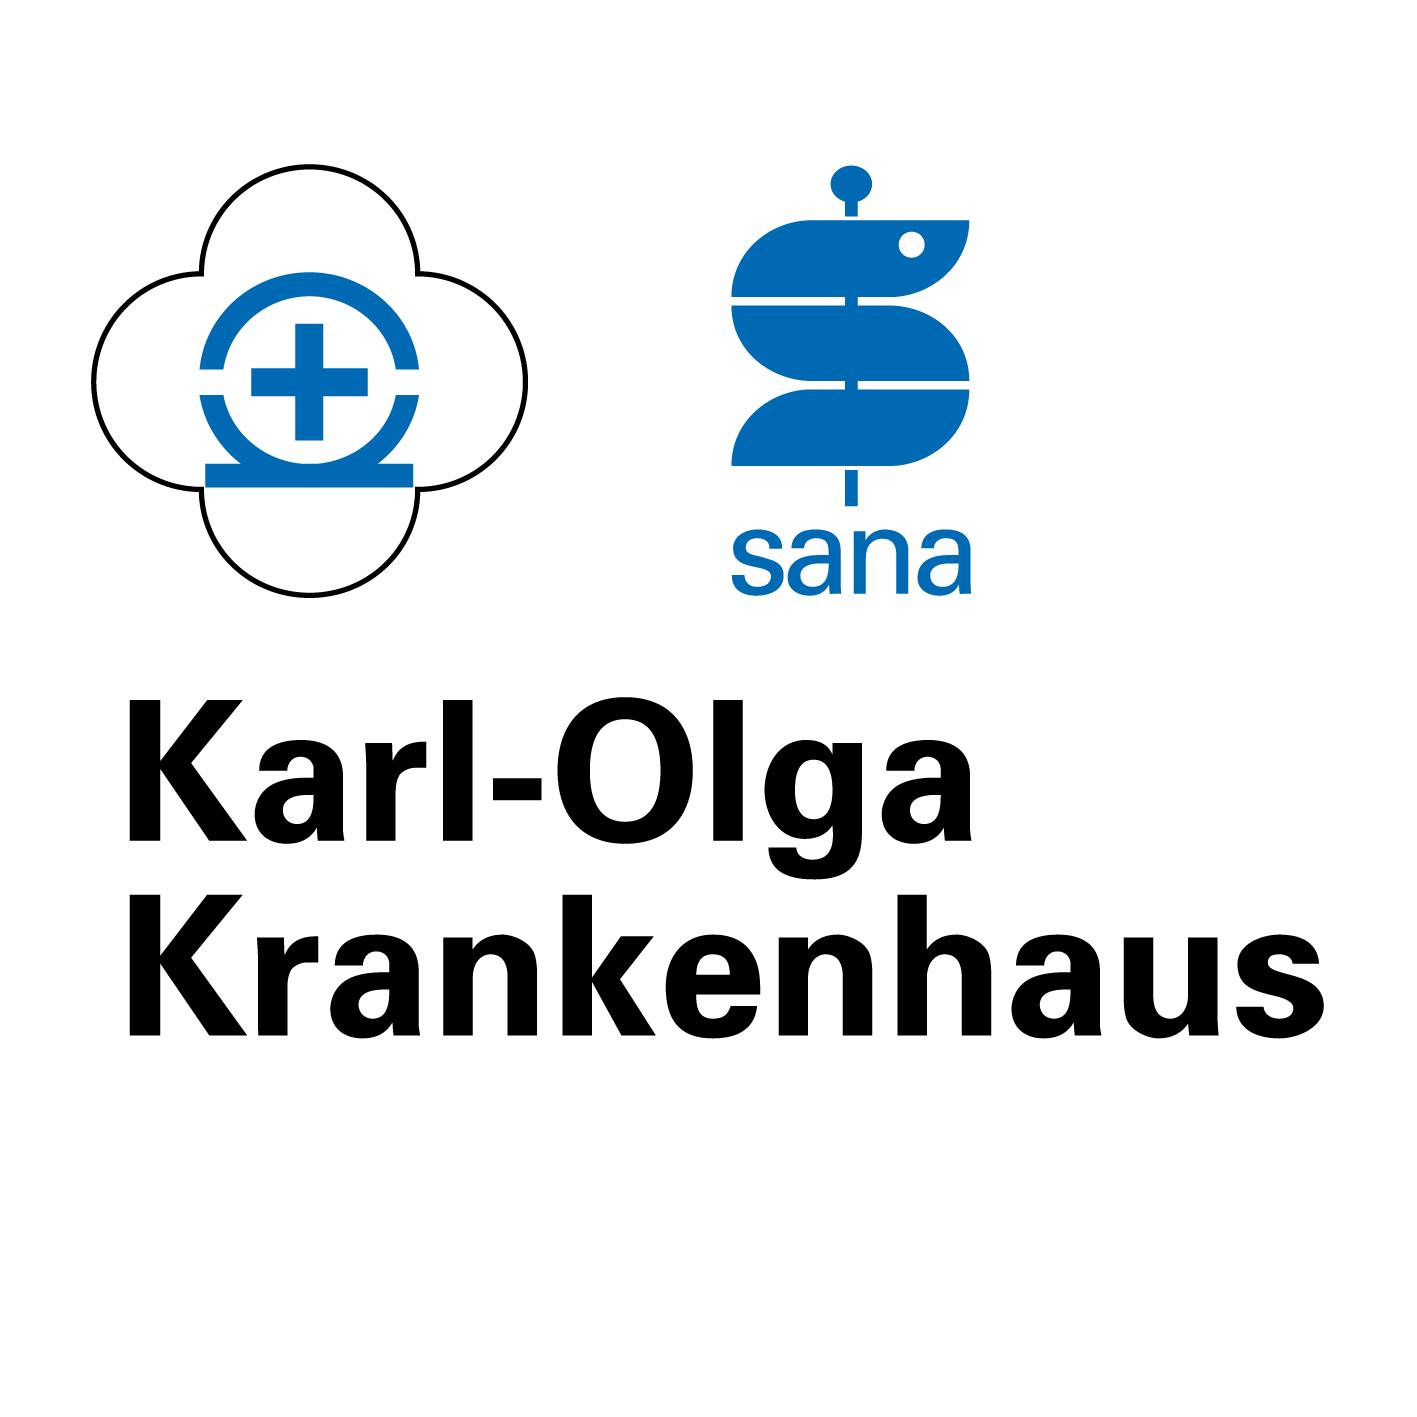 Karl-Olga-Krankenhaus GmbH